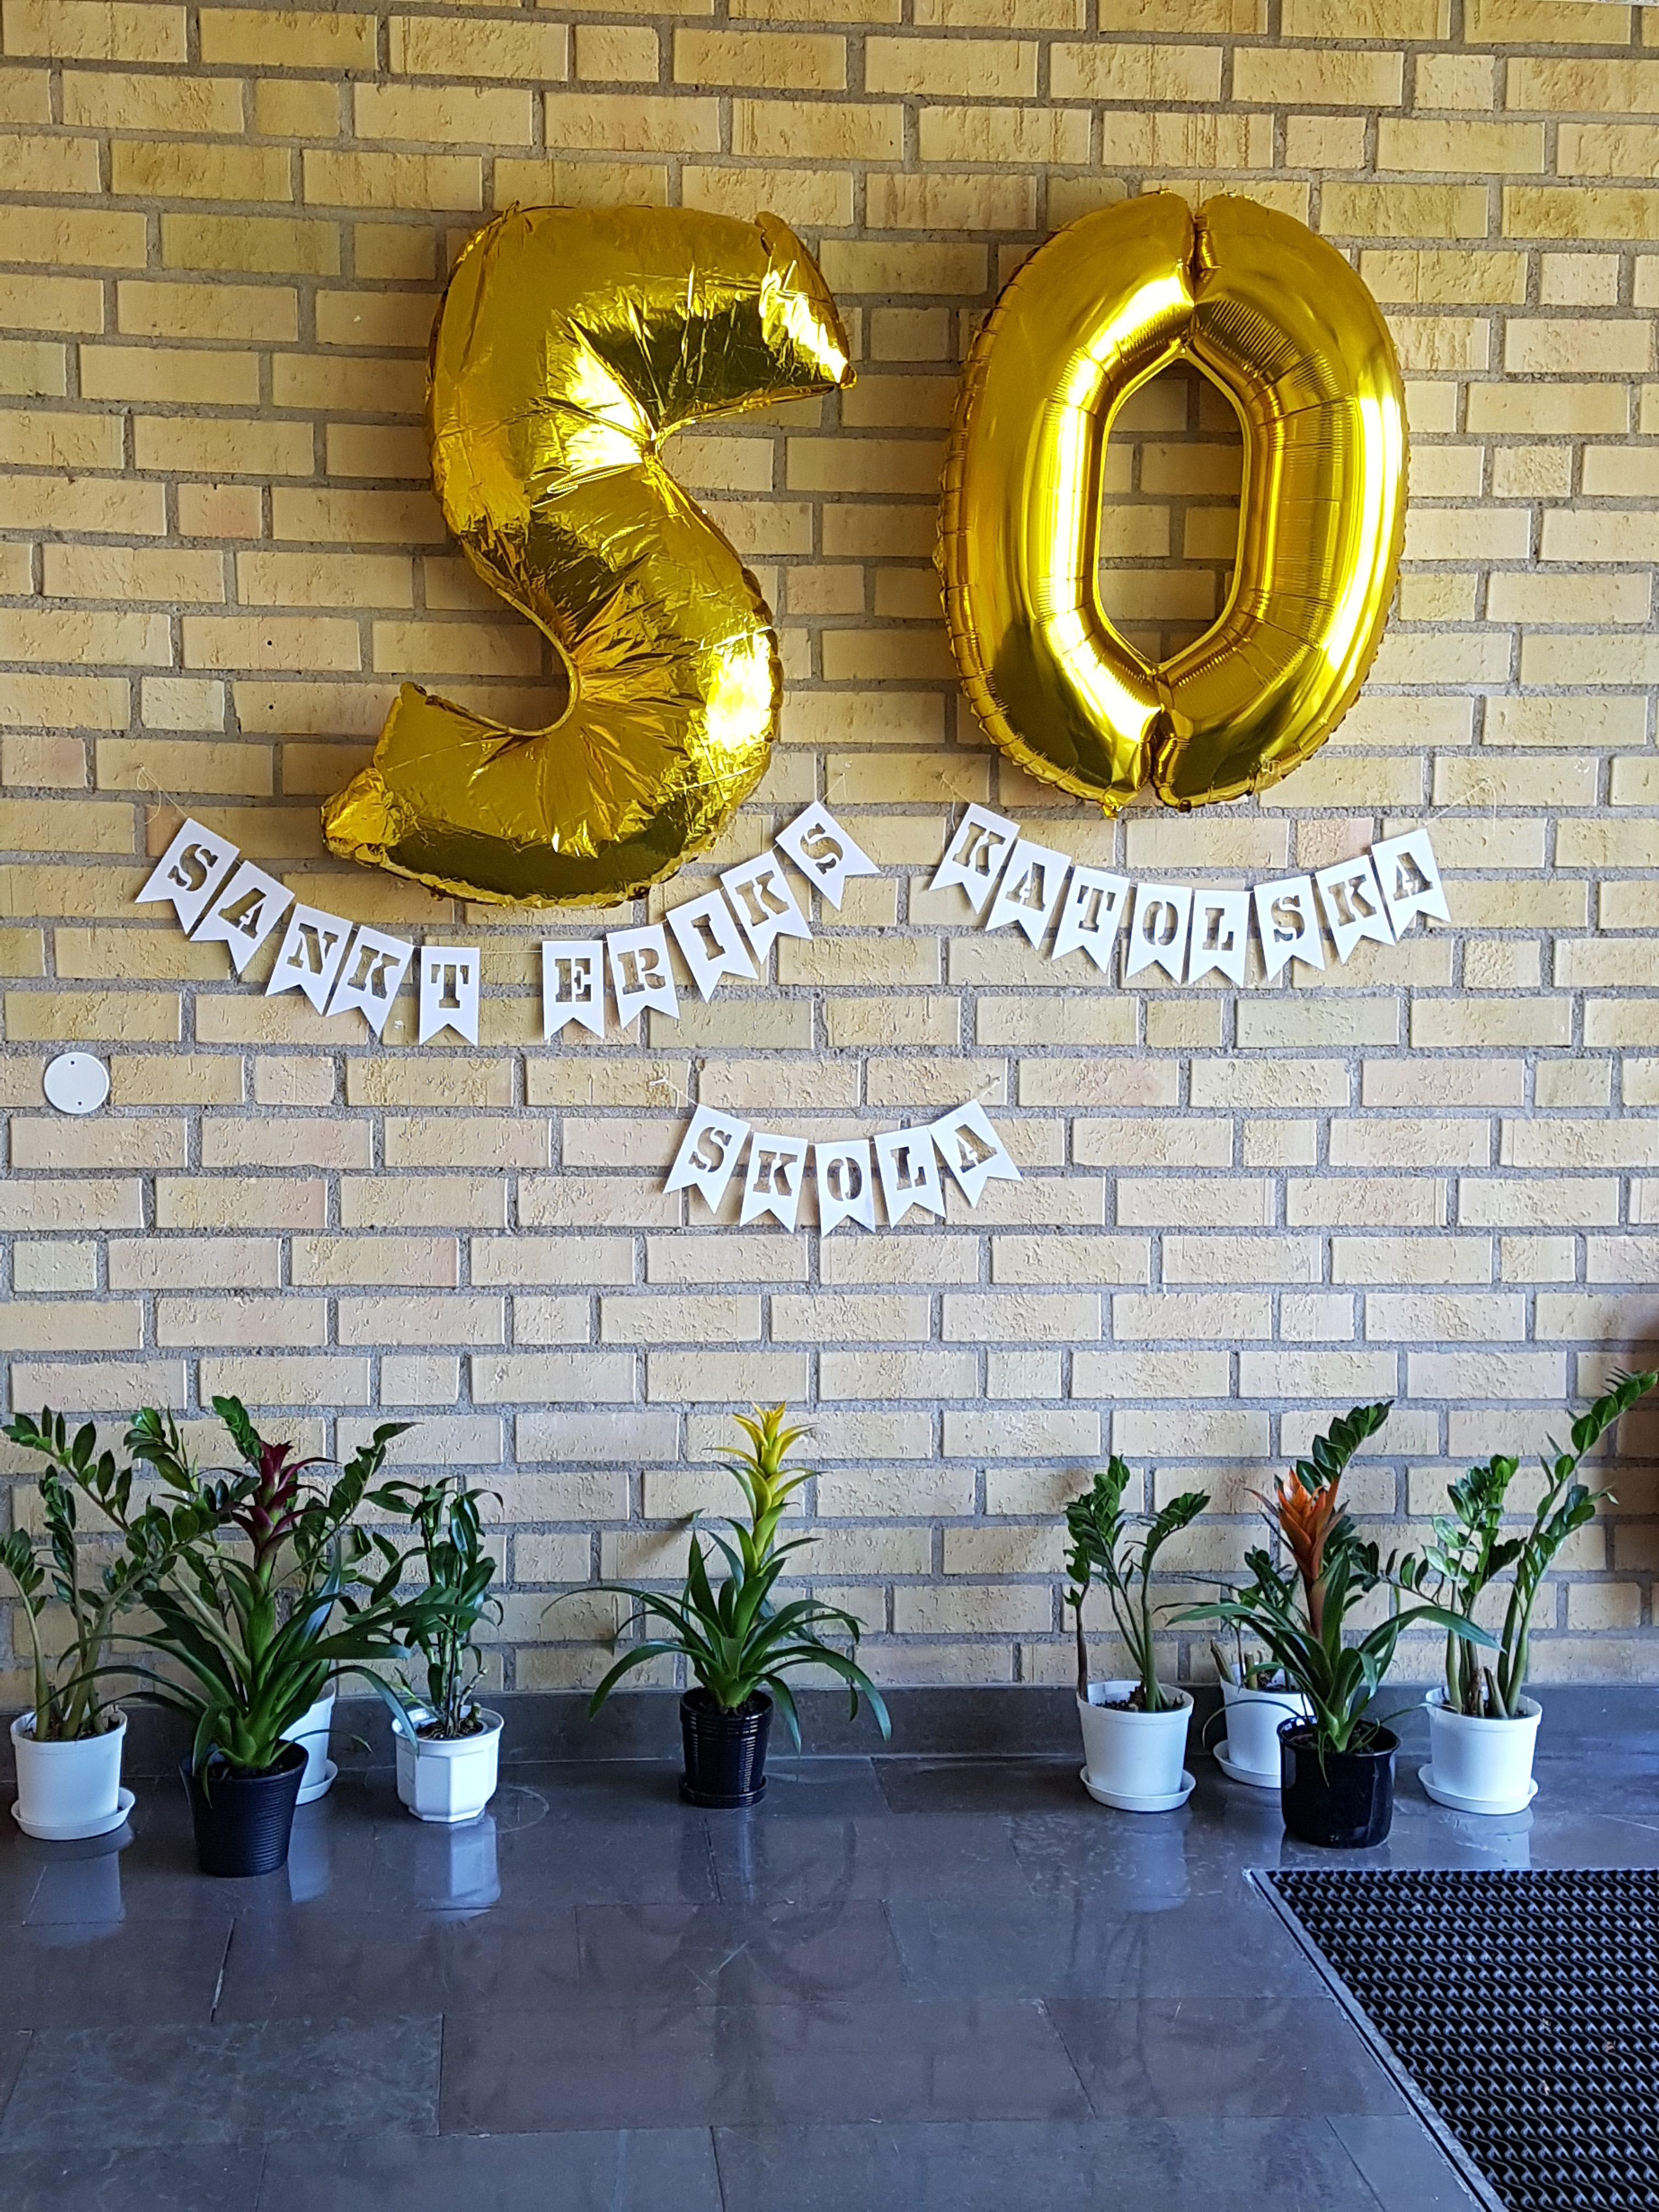 öppet hus 50 år Vi firar 50 år med Öppet hus den 26/8 – S:t Eriks katolska skola öppet hus 50 år